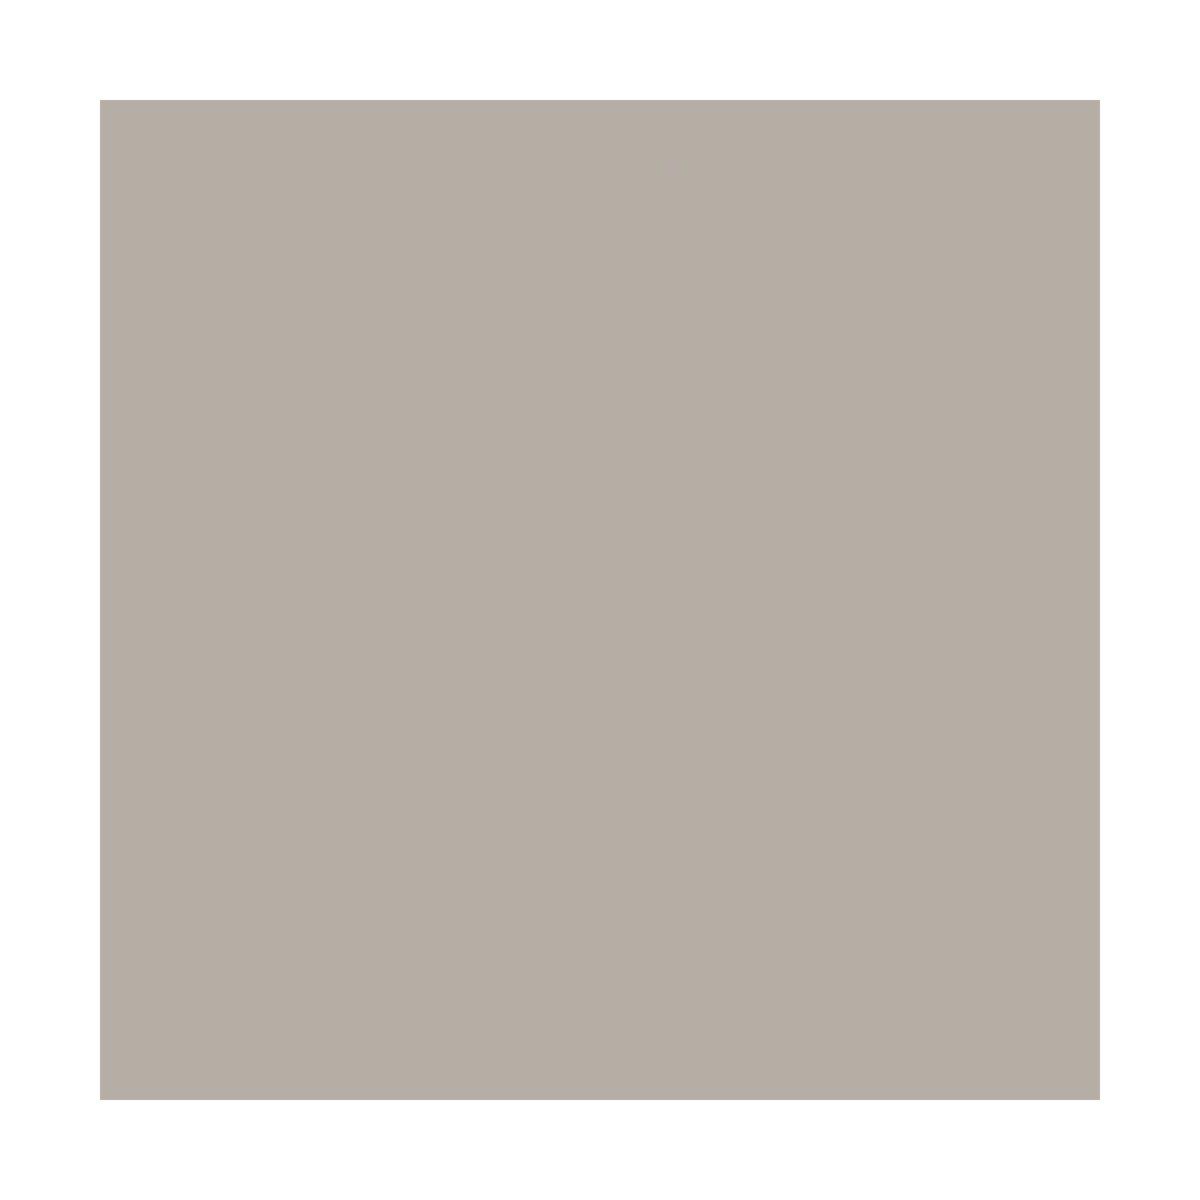 bd_backgrounds_123_pursuit_gray_02